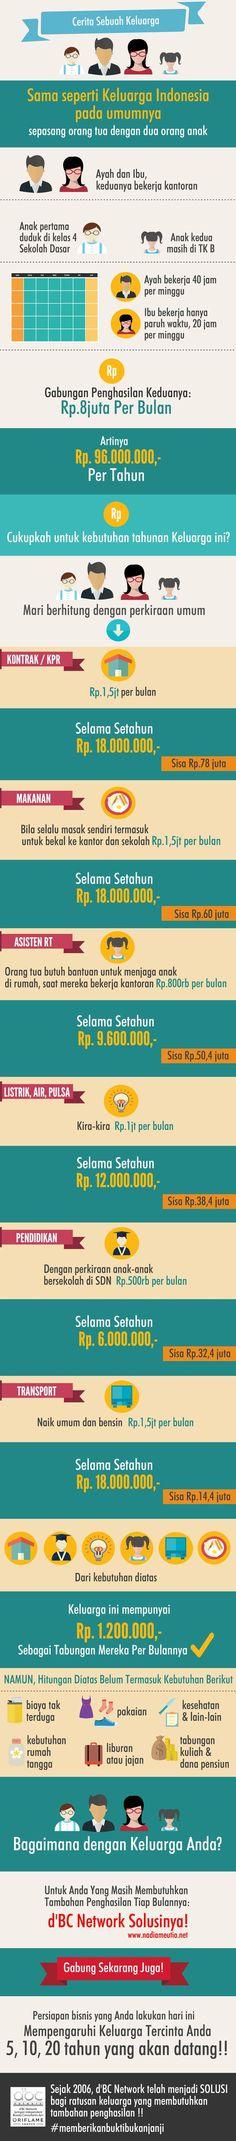 Mau penghasilan tambahan? kerja dari rumah? ini solusinya: www.momsgoonline.com #penghasilantambahan #kerjadirumah